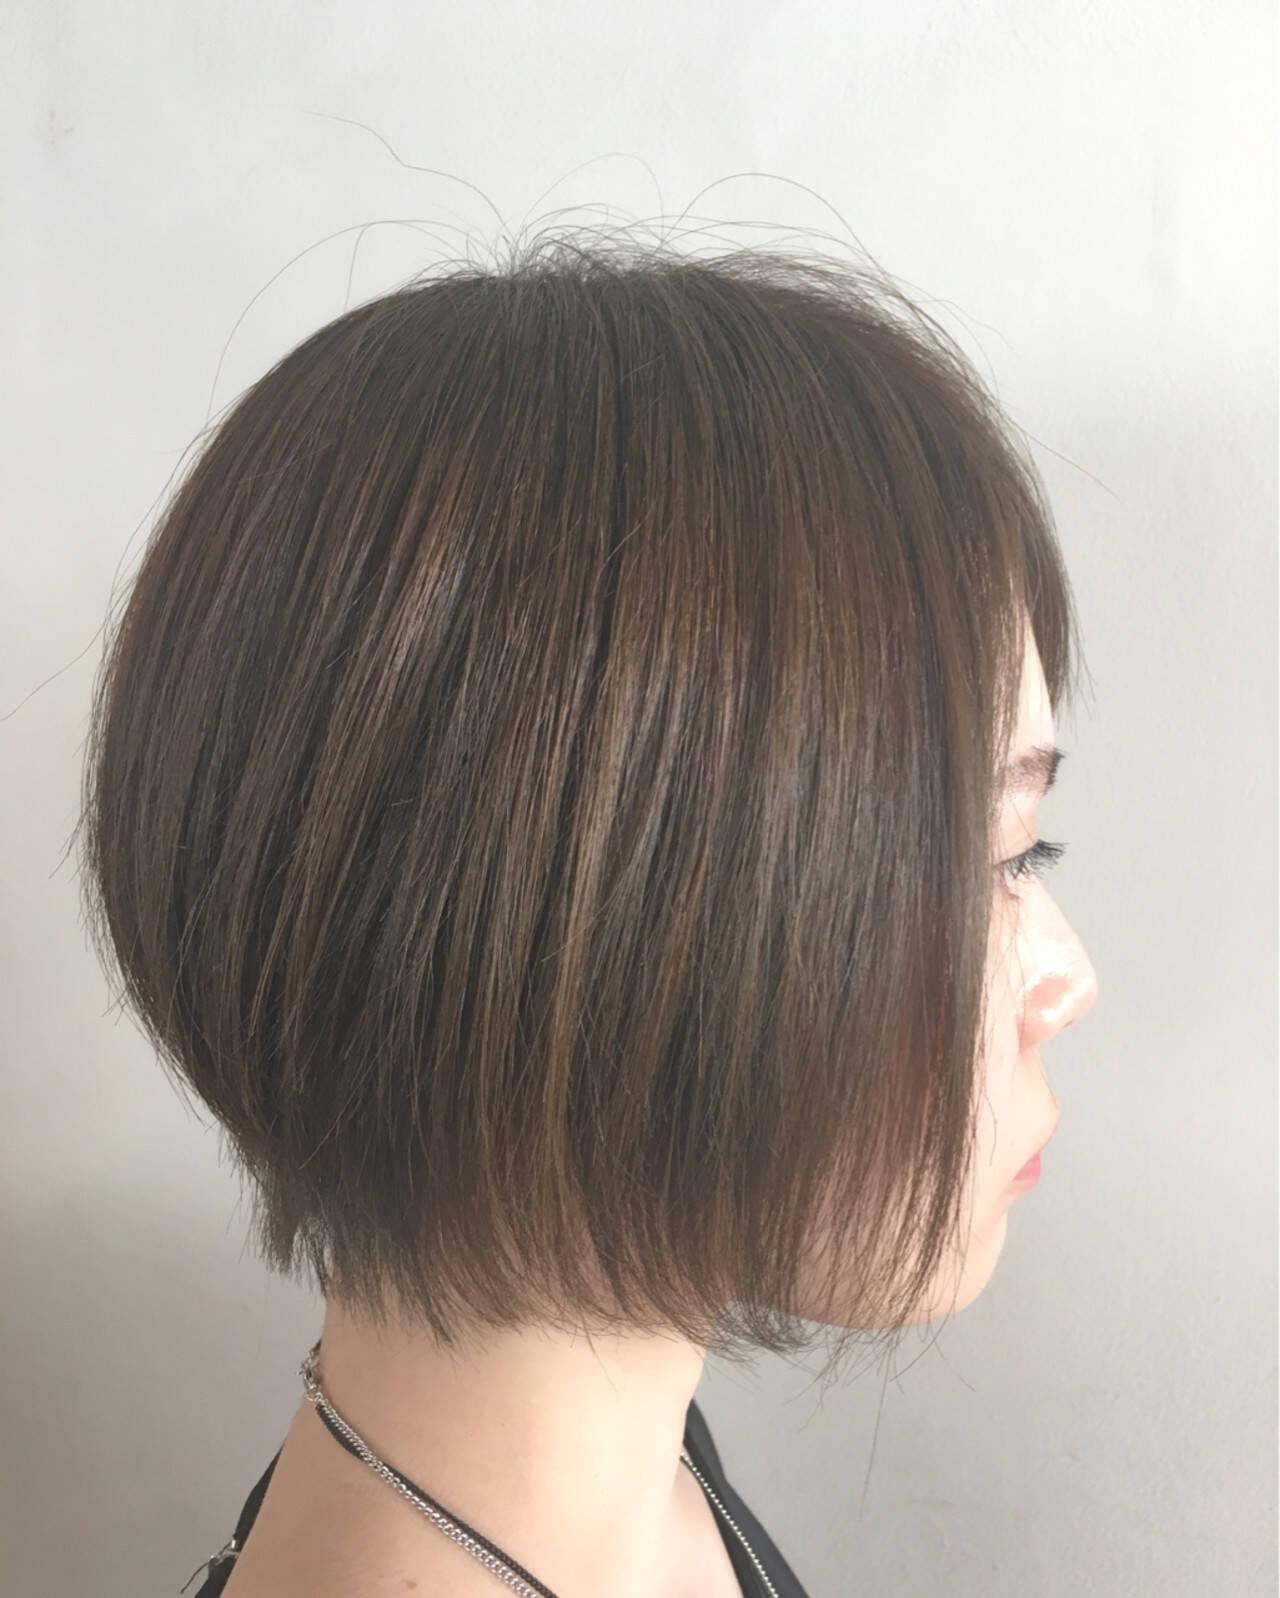 外国人風 前髪あり アッシュ ナチュラルヘアスタイルや髪型の写真・画像